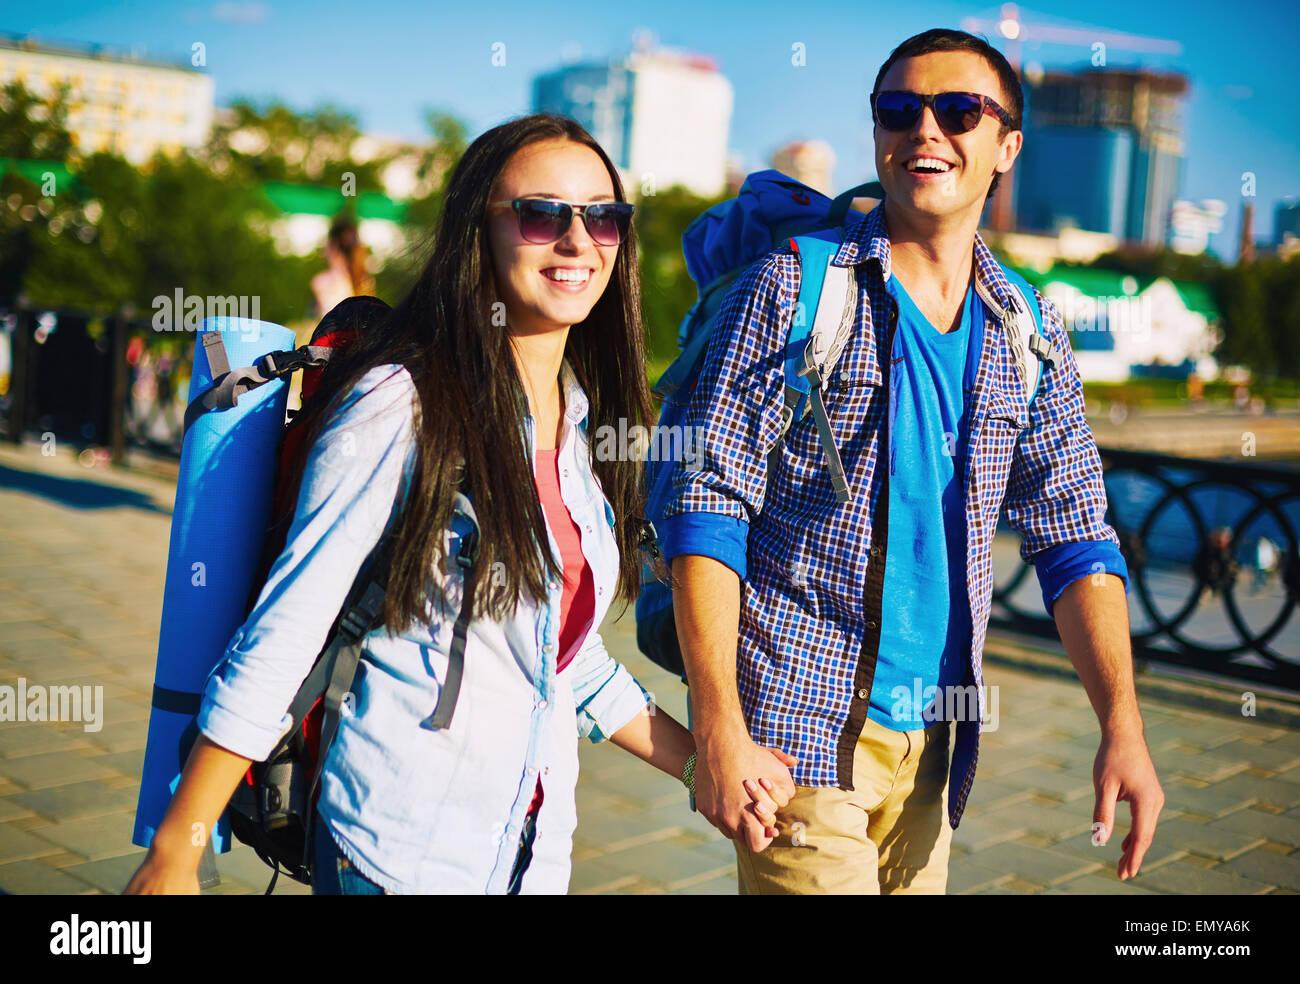 Par afectuoso con mochilas disfrutar de pasear por la ciudad de fin de semana Imagen De Stock